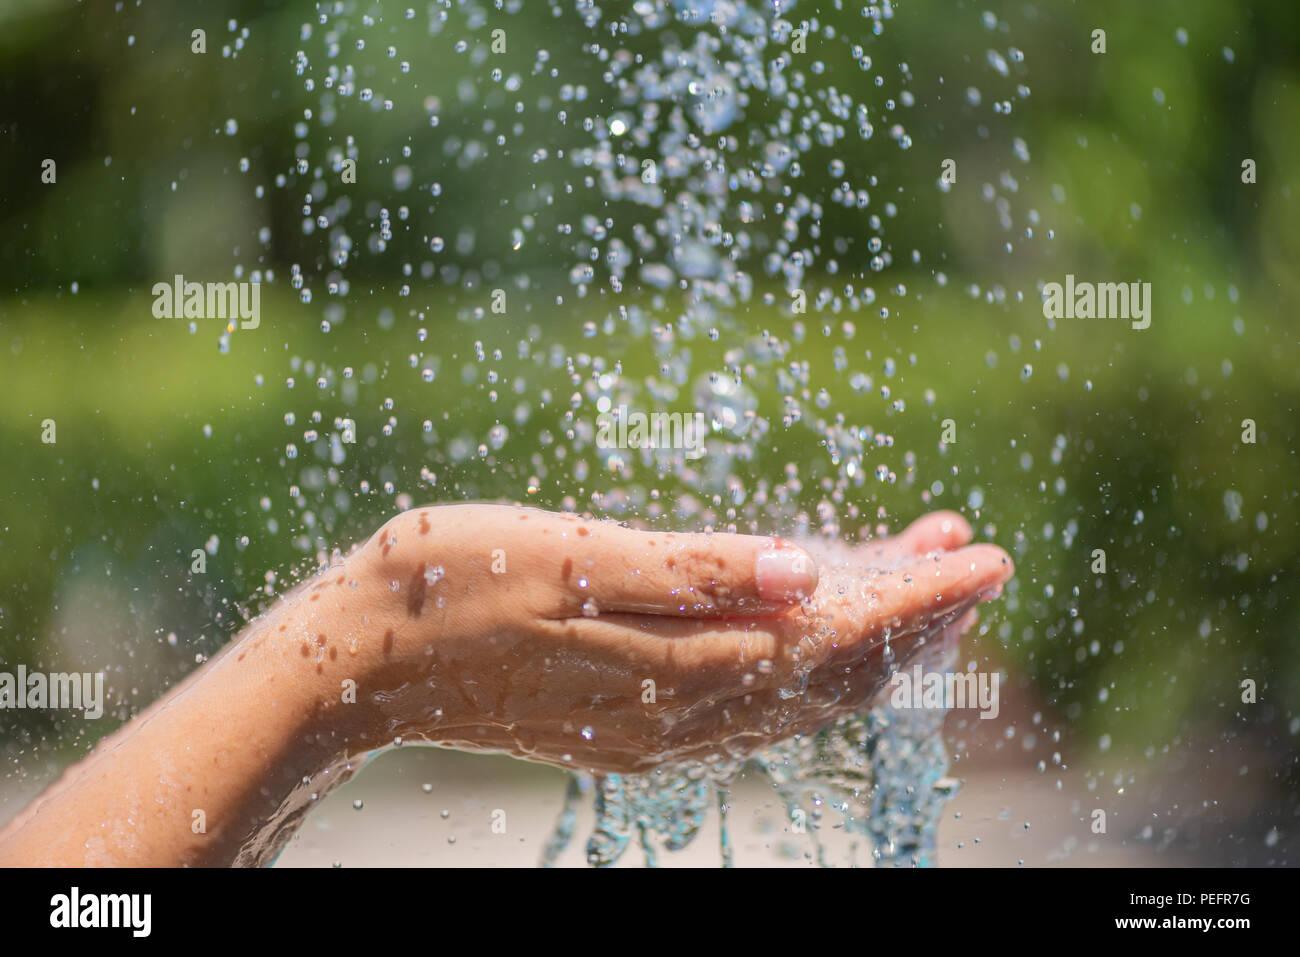 Vertido del agua en manos de la mujer. Concepto del Día Mundial del Agua. Foto de stock